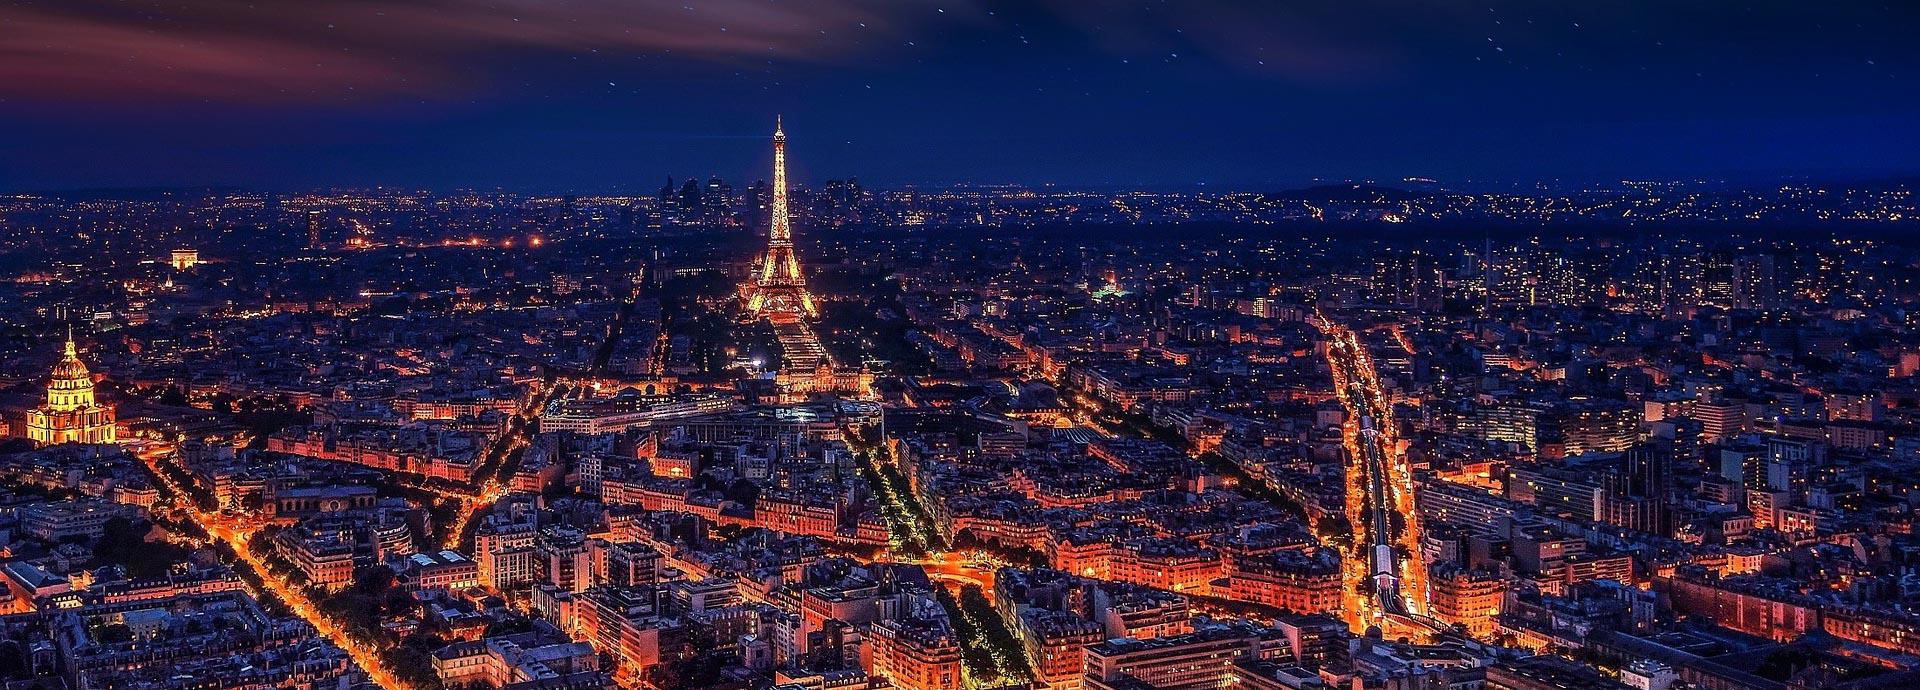 Путешествие-евротур в Париж Франция